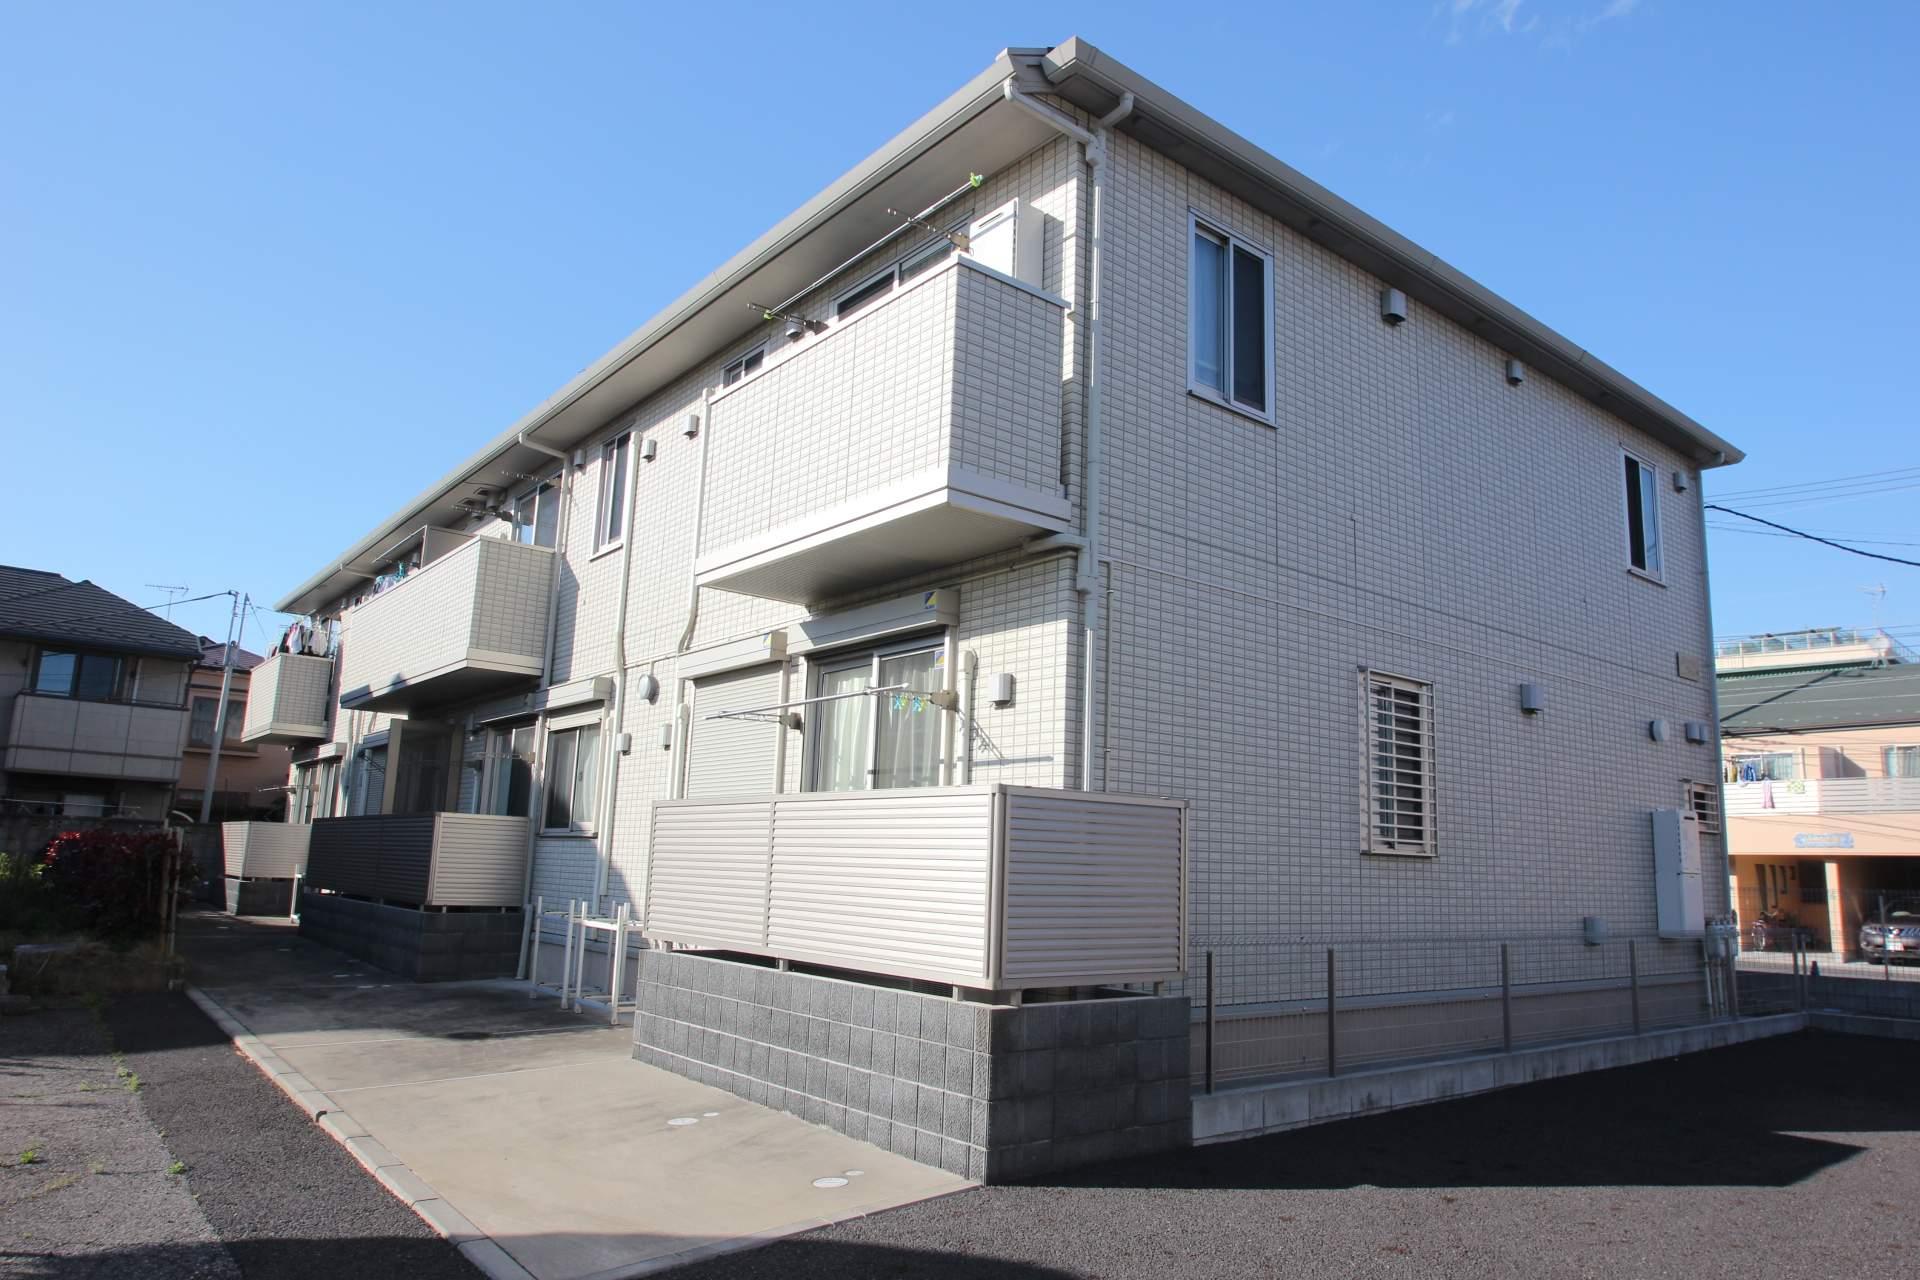 東京都江戸川区、一之江駅徒歩24分の築5年 2階建の賃貸アパート